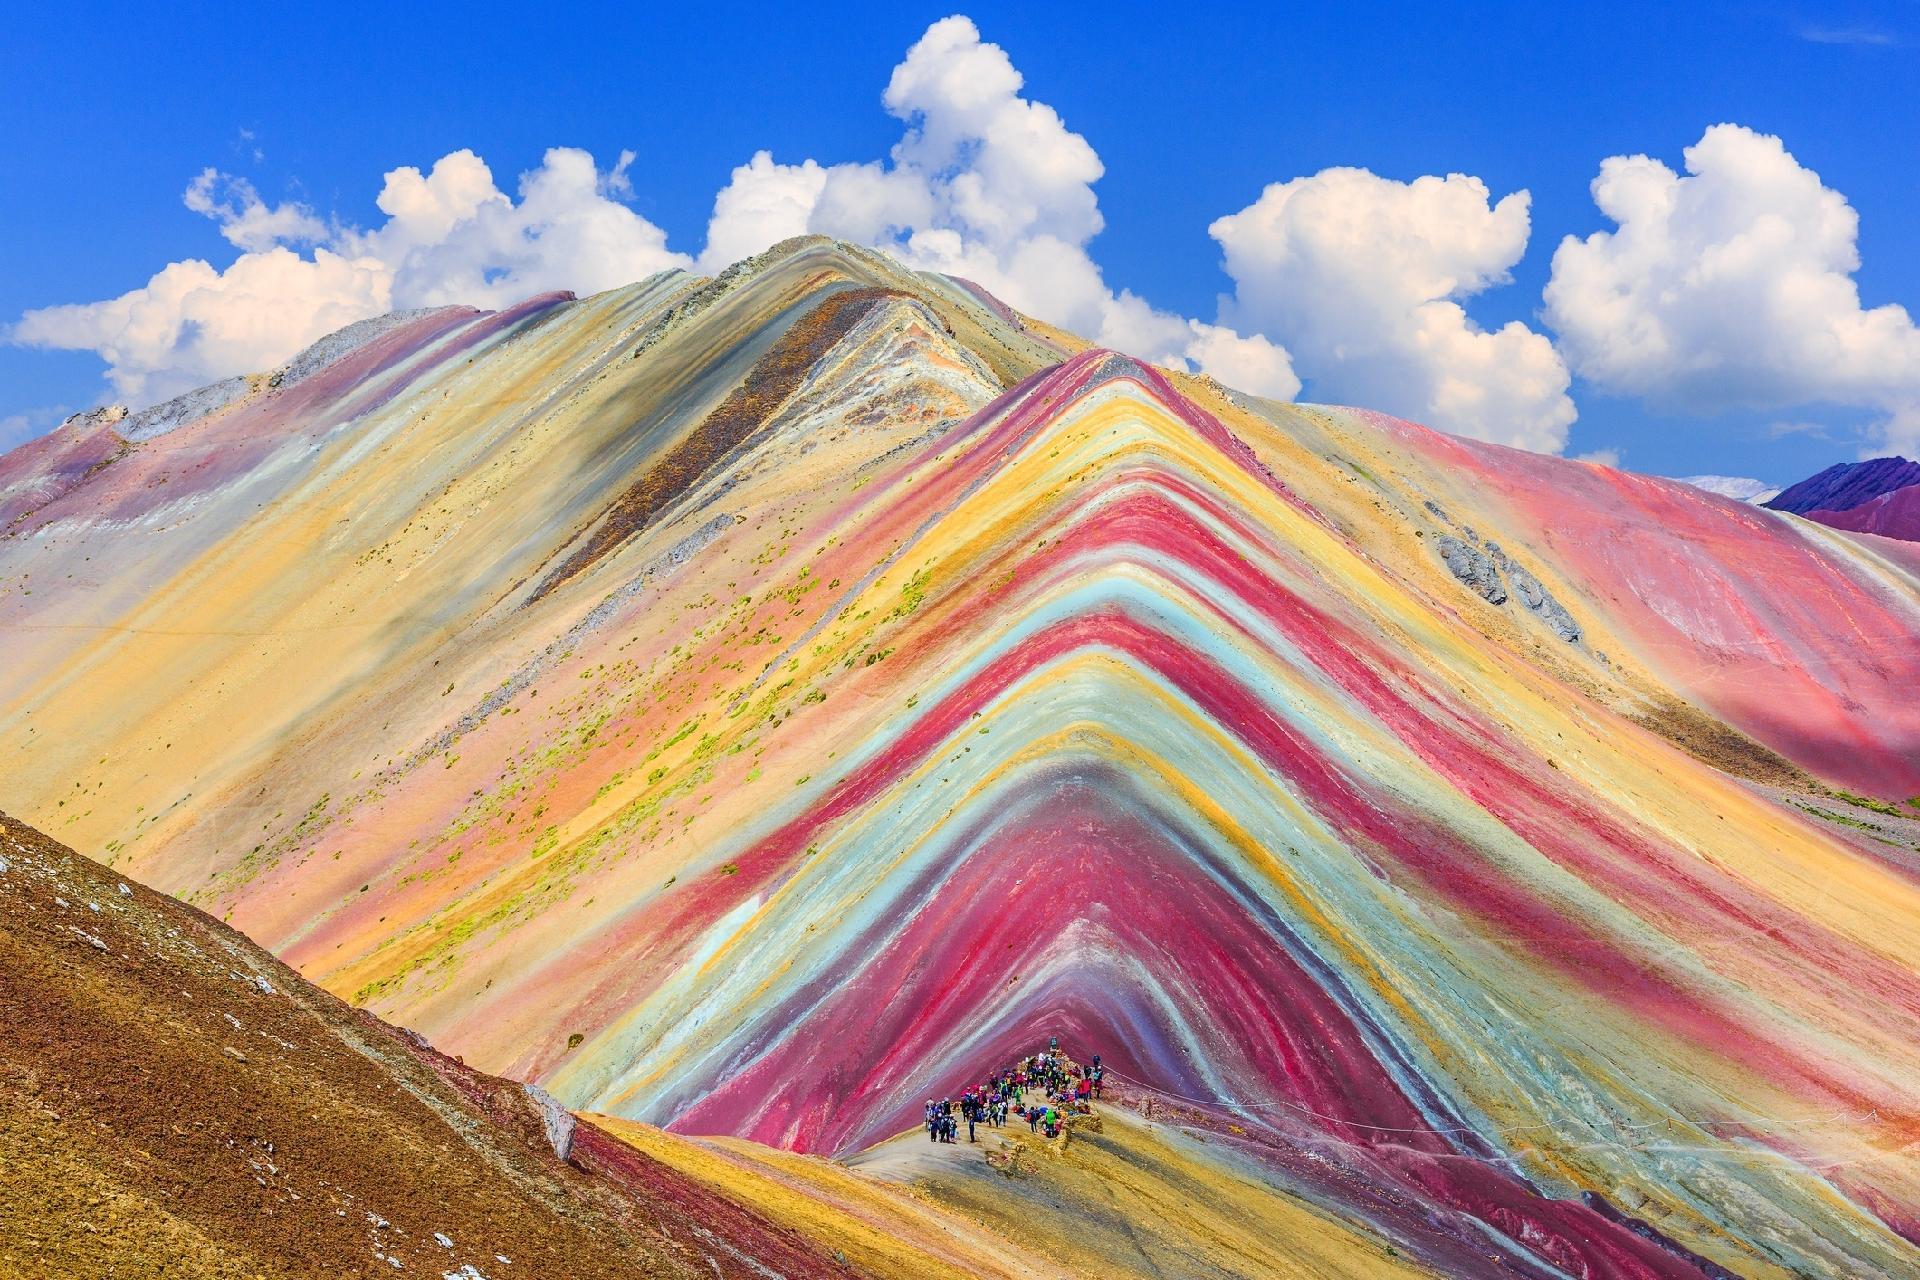 Como se explica a beleza da montanha de 7 cores que atrai multidões ao Peru  - 30/06/2018 - UOL Nossa